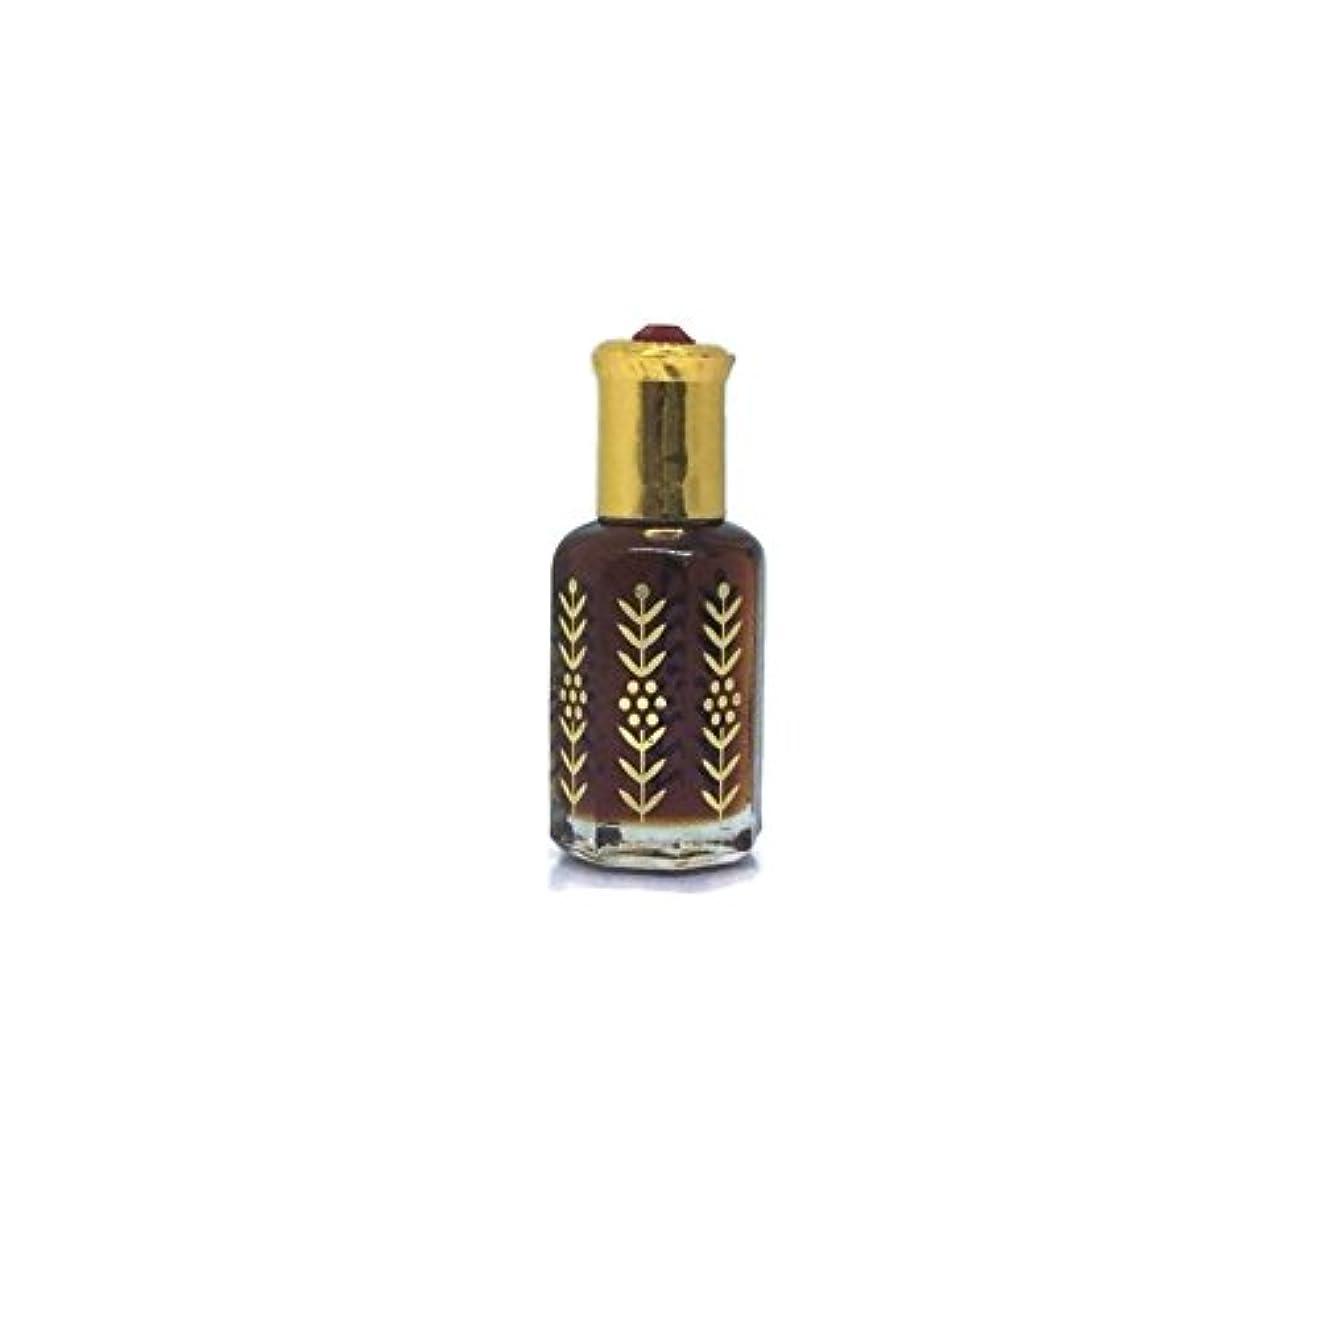 センサーけん引代わってカンボジアsayufee純正Cambodian/タイAgarwood Pure Oudh Rare Perfume Amira 3 ml ブラウン 6